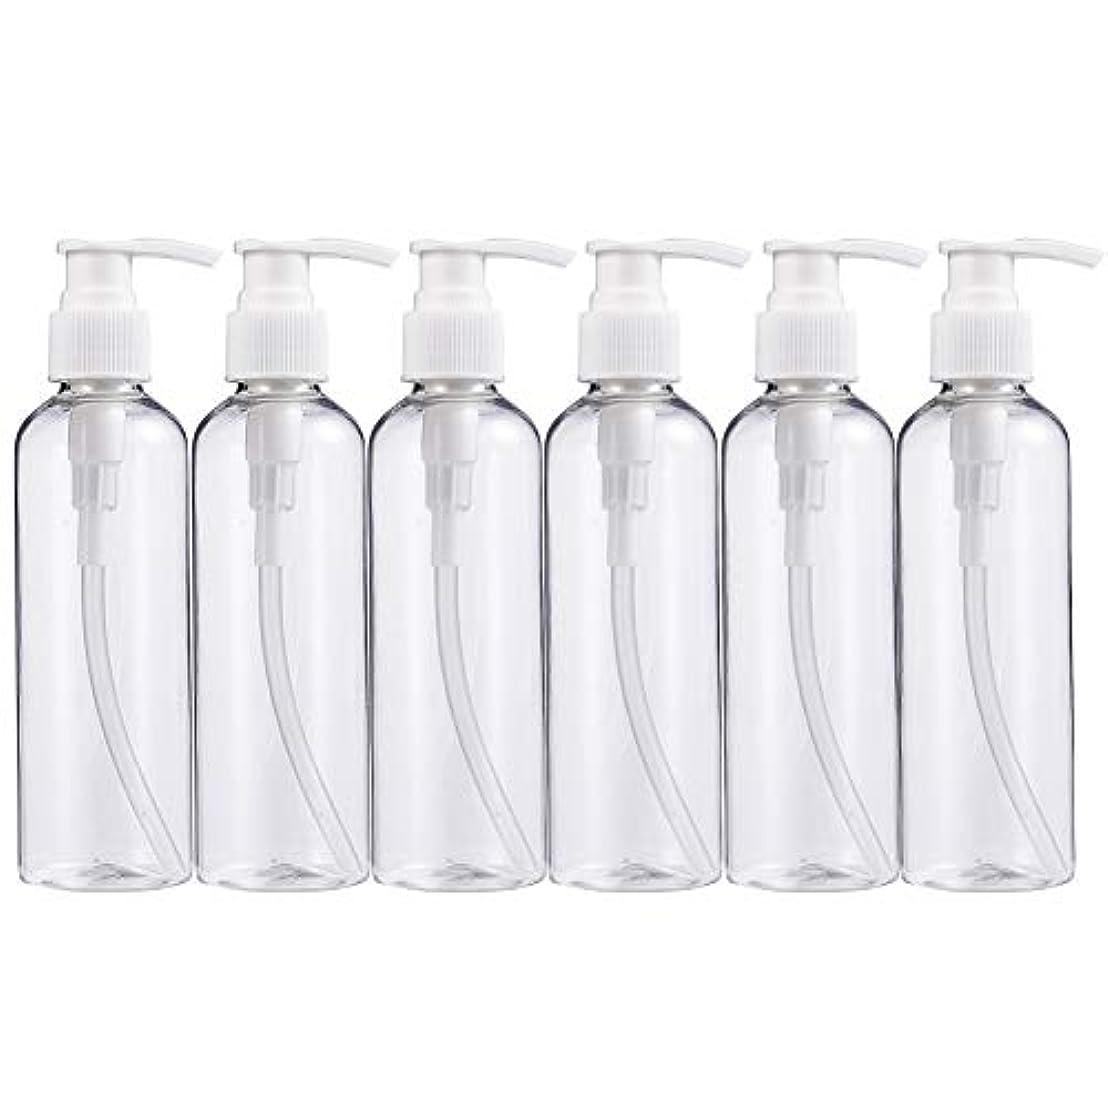 ルーキー価値のない悪夢BENECREAT 200mlプラスティックスボトル 6個セット小分けボトル プラスチック容器 液体用空ボトル 押し式詰替用ボトル 詰め替え シャンプー クリーム 化粧品 収納瓶